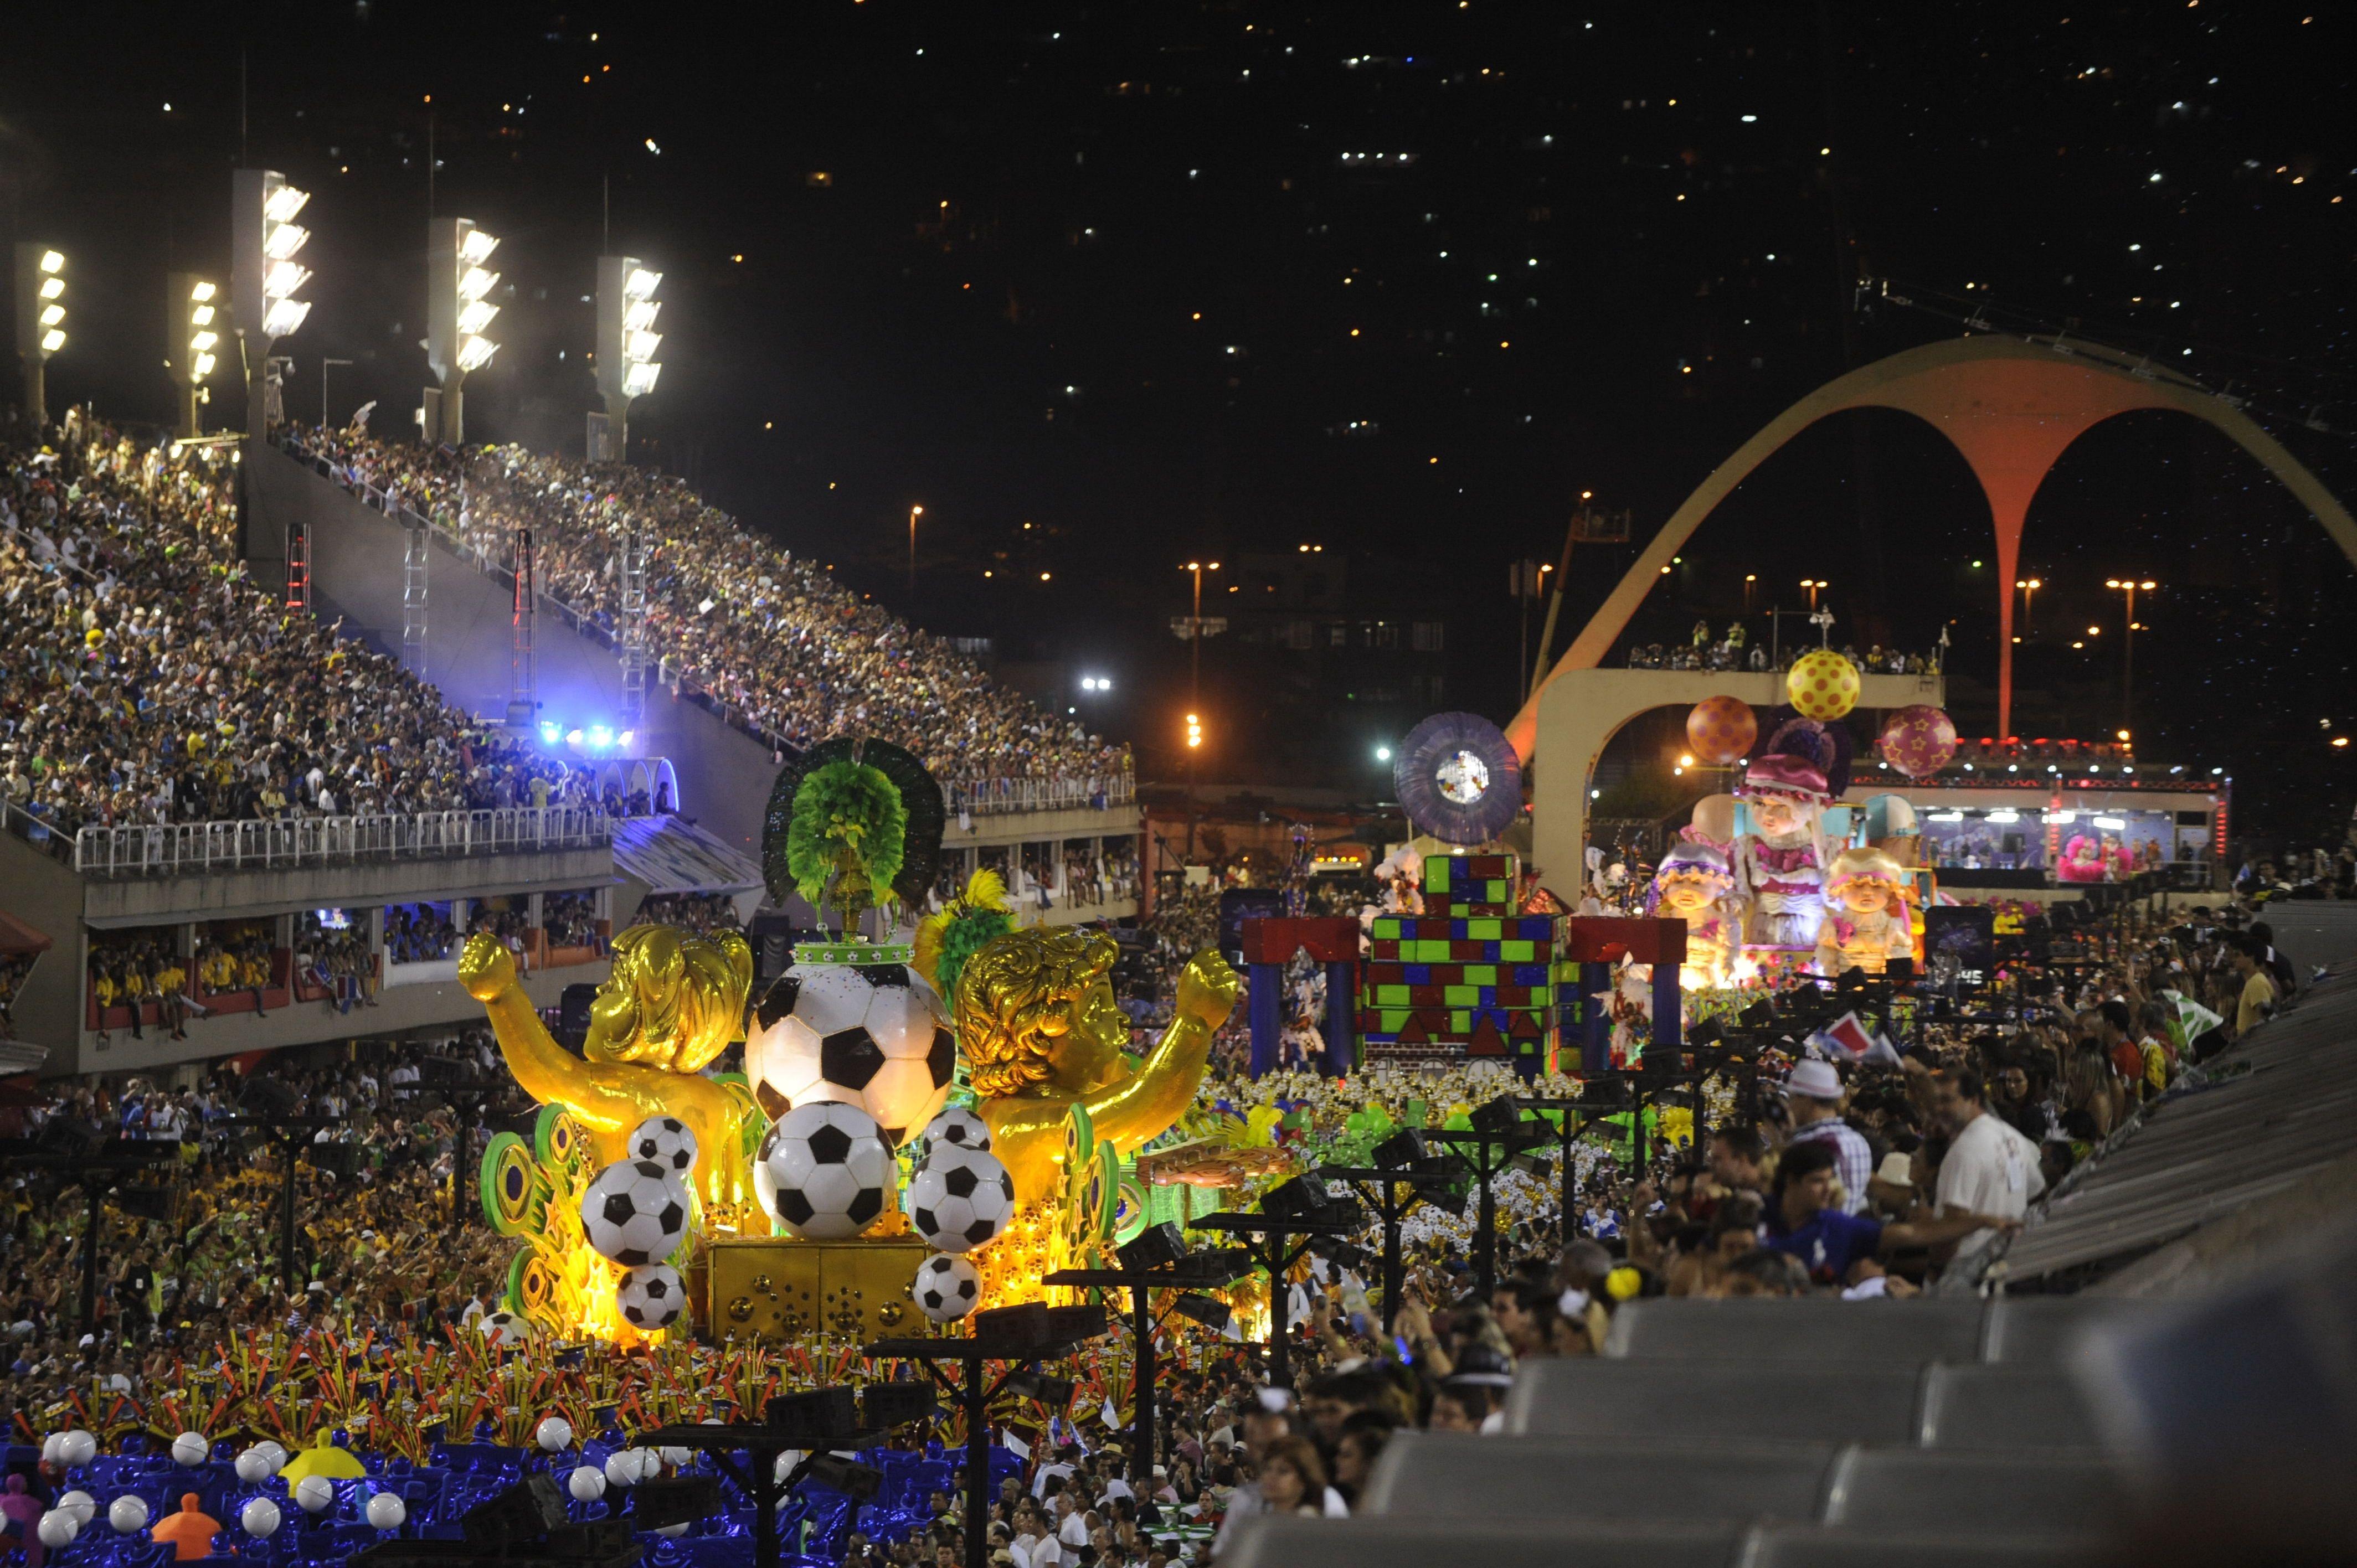 География ЧМ-2014. Рио-де-Жанейро - изображение 5